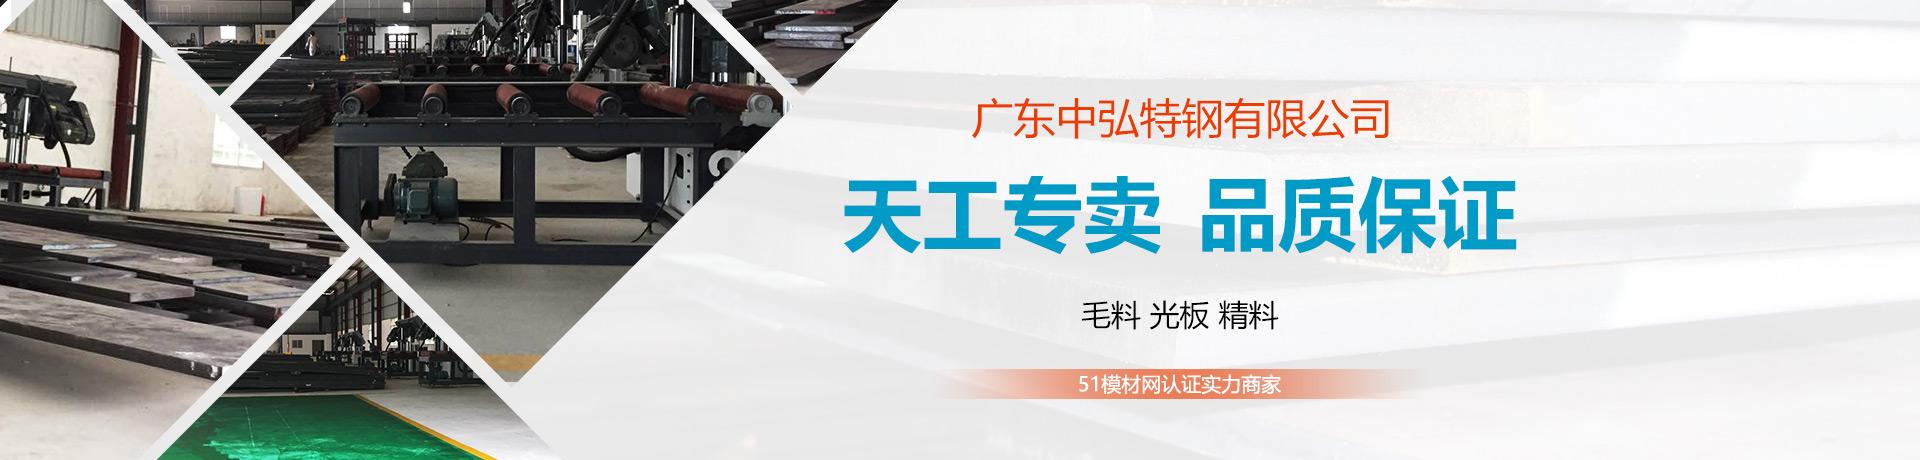 廣東中弘特鋼有限公司